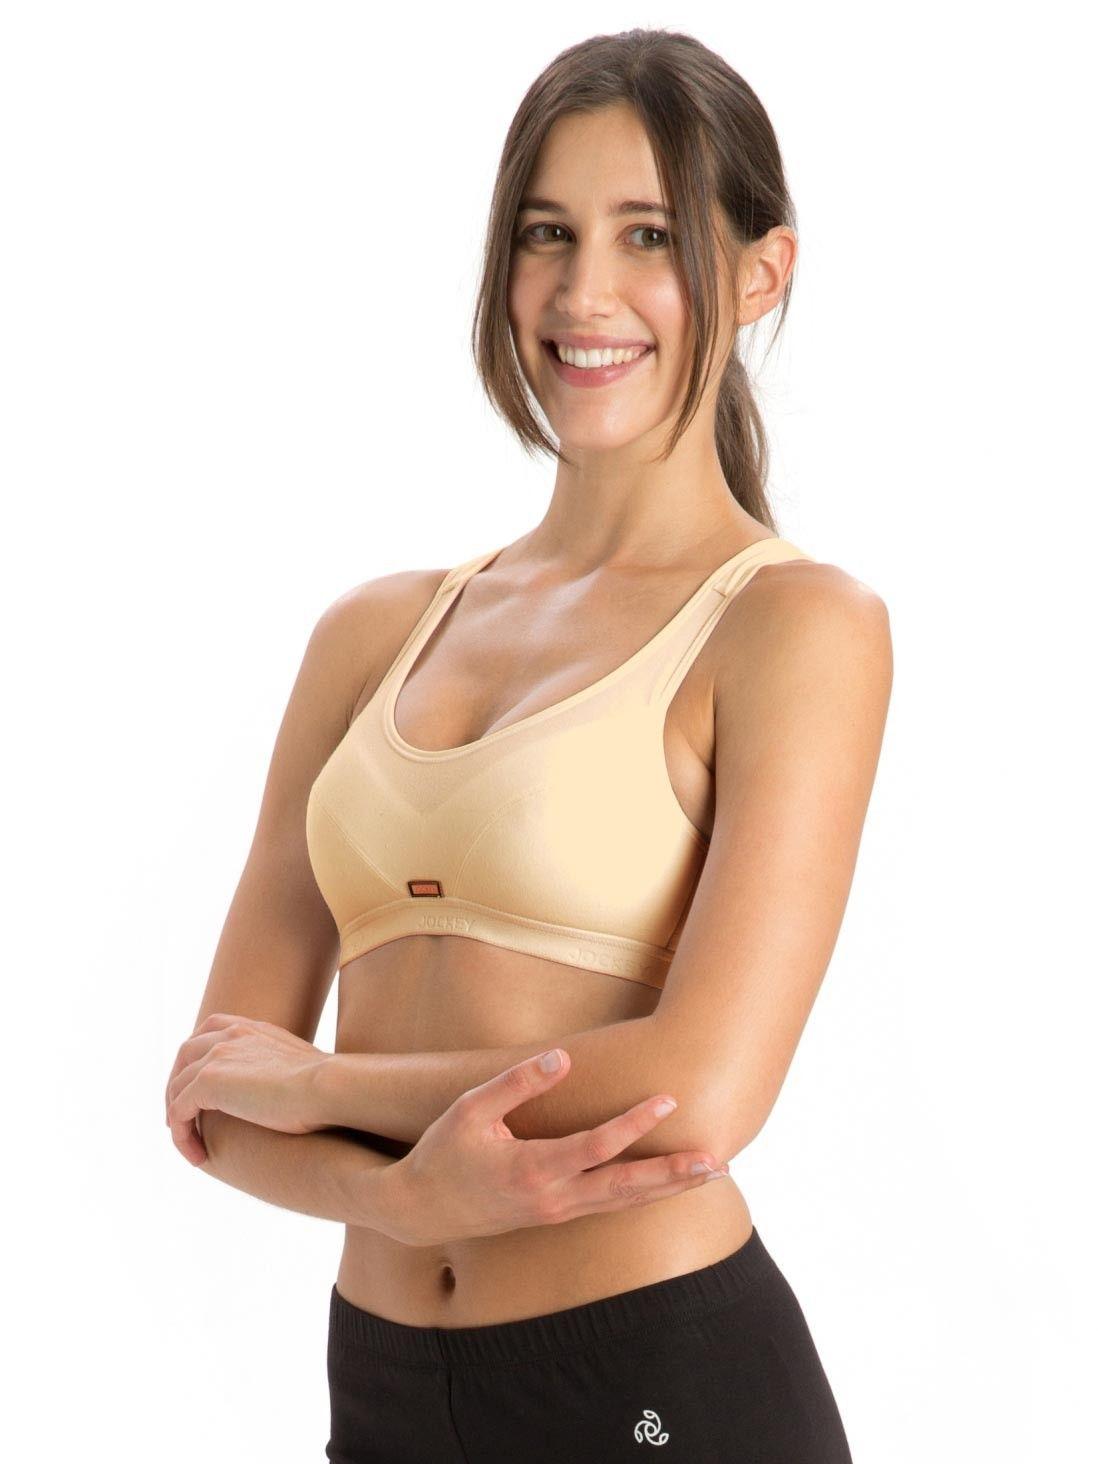 f33a7959c40 Buy Women Sports bra online in India. Shop from a wide range of racerback sports  bra